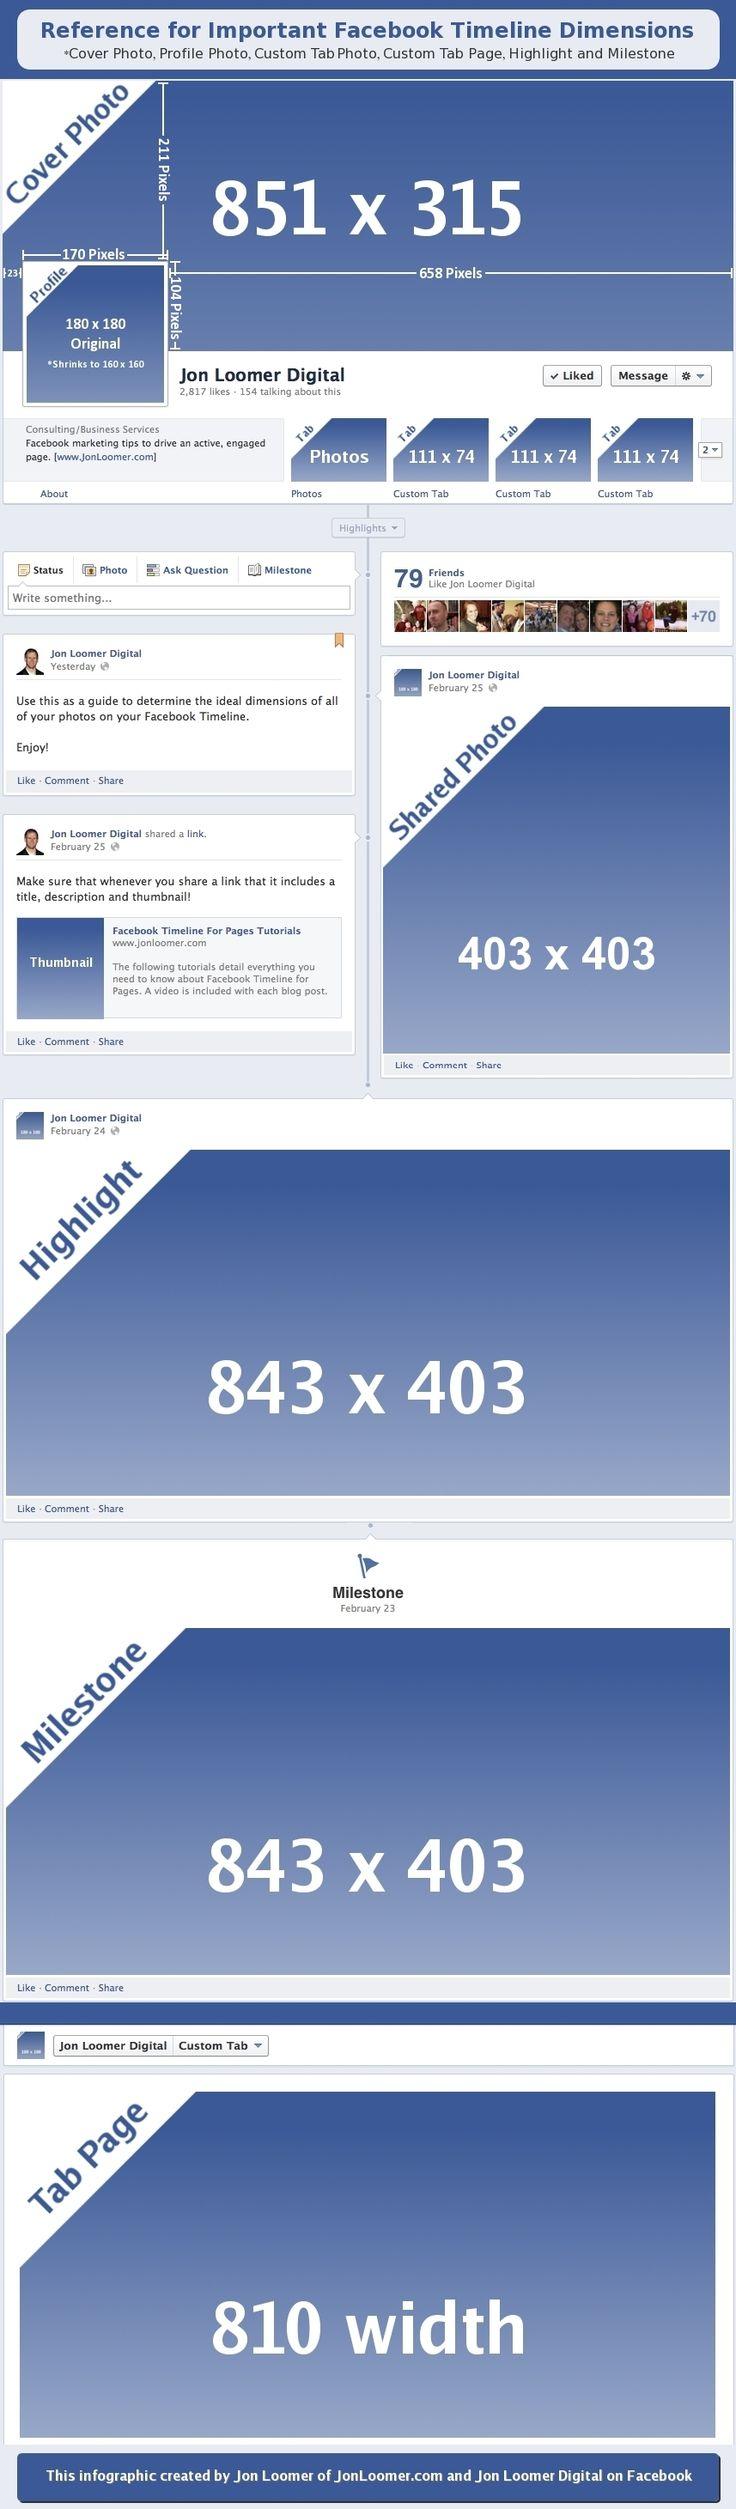 Facebook Timeline Dimensions: https://d2xcq4qphg1ge9.cloudfront.net/assets/63237/896772/original_d4368a42cb7d6df214a9ff911e455ab8.jpg?1342194846